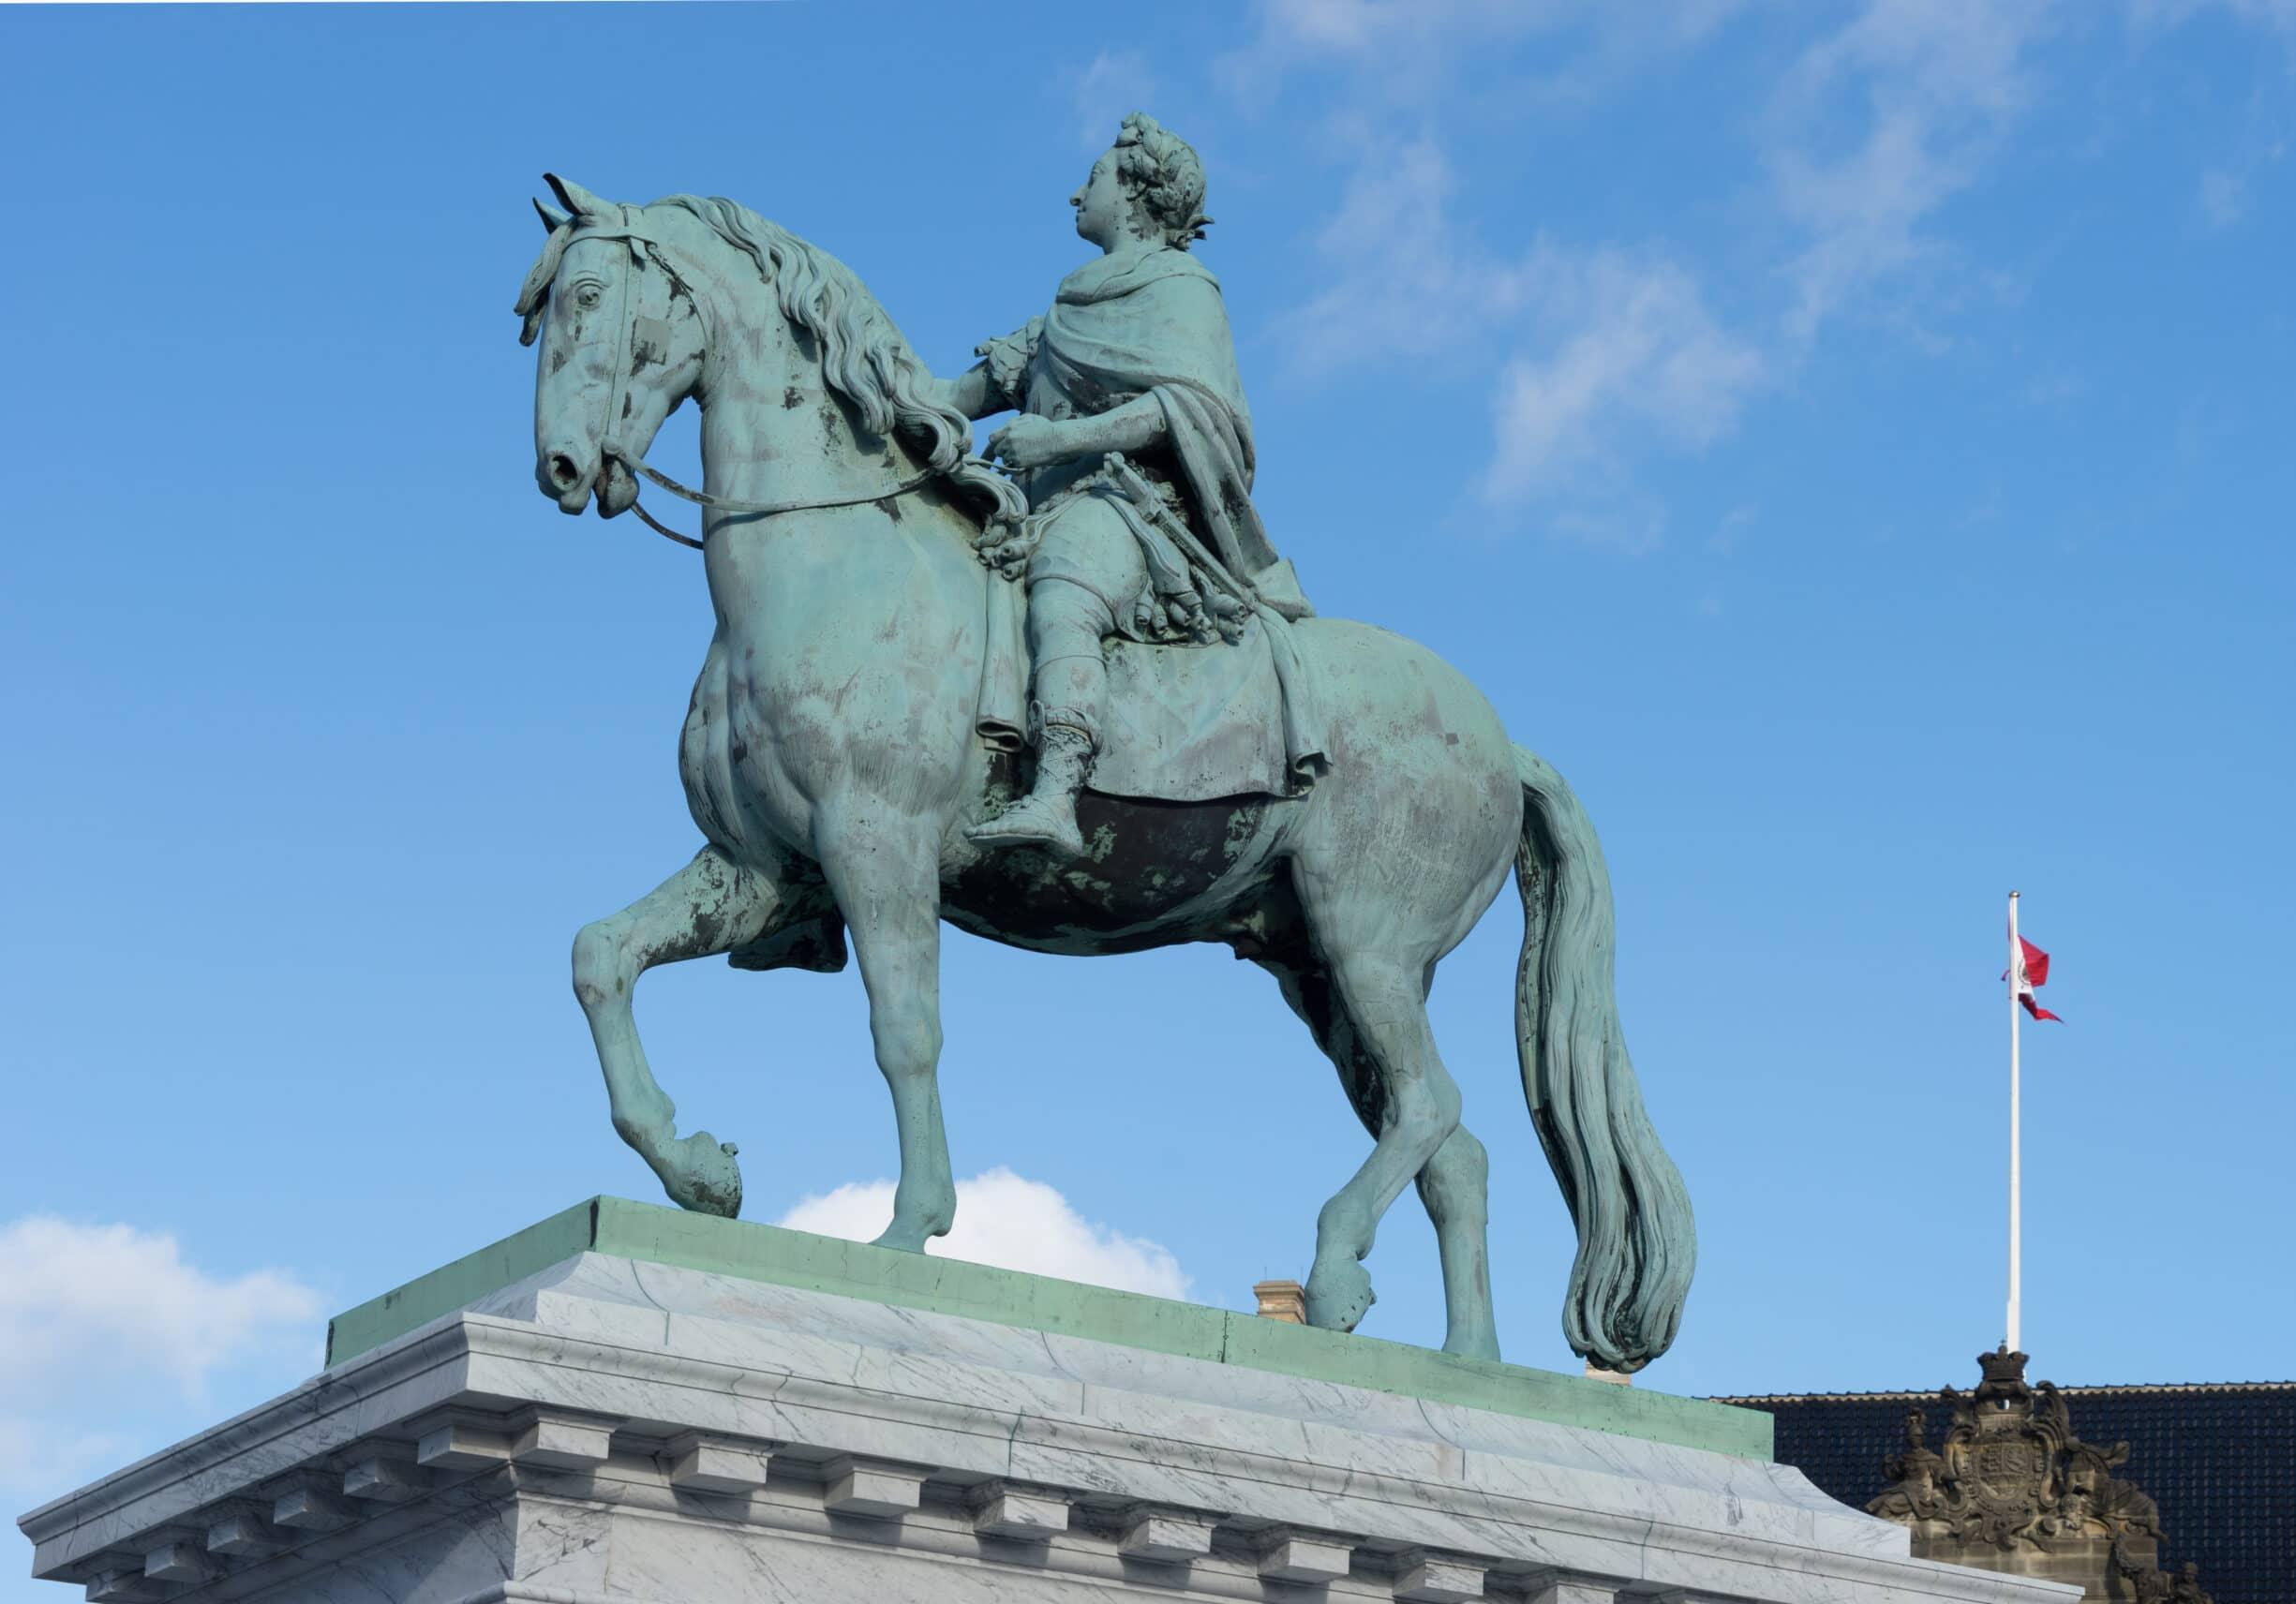 Frederik V rytterstatue på Amalienborg Slotsplads, København, Danmark. Foto taget 26 februar 2016 af Jebulon. Public Domain.